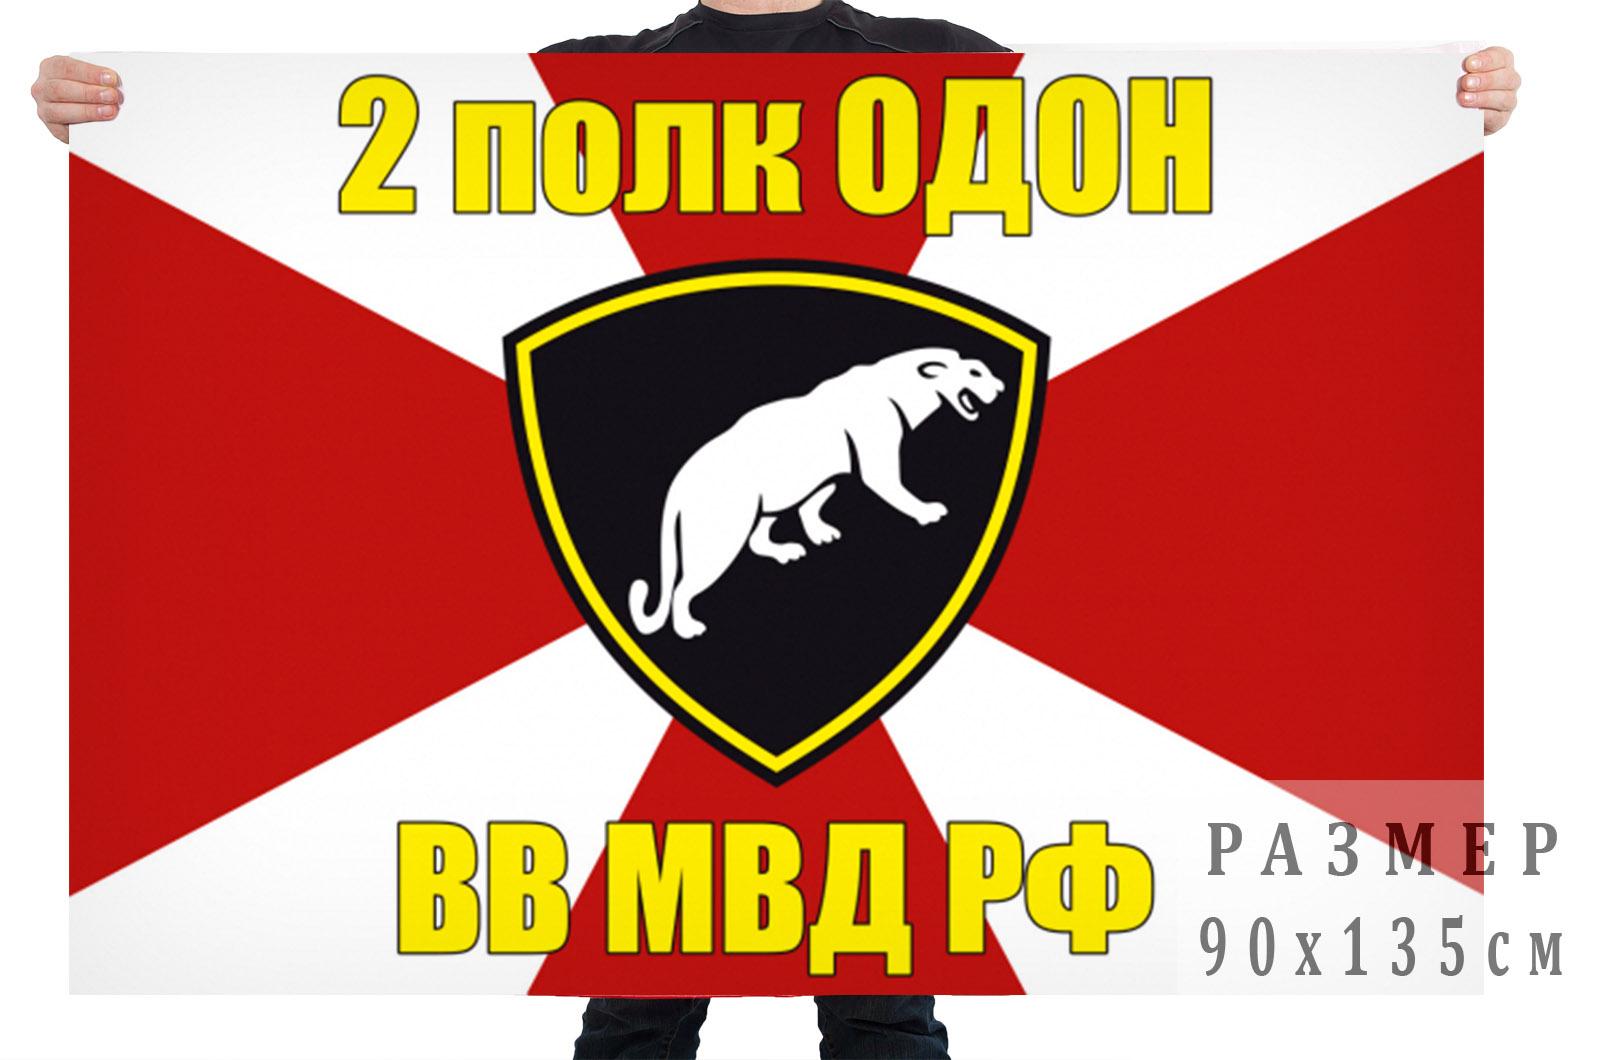 Флаг 2 полк ОДОН ВВ МВД РФ